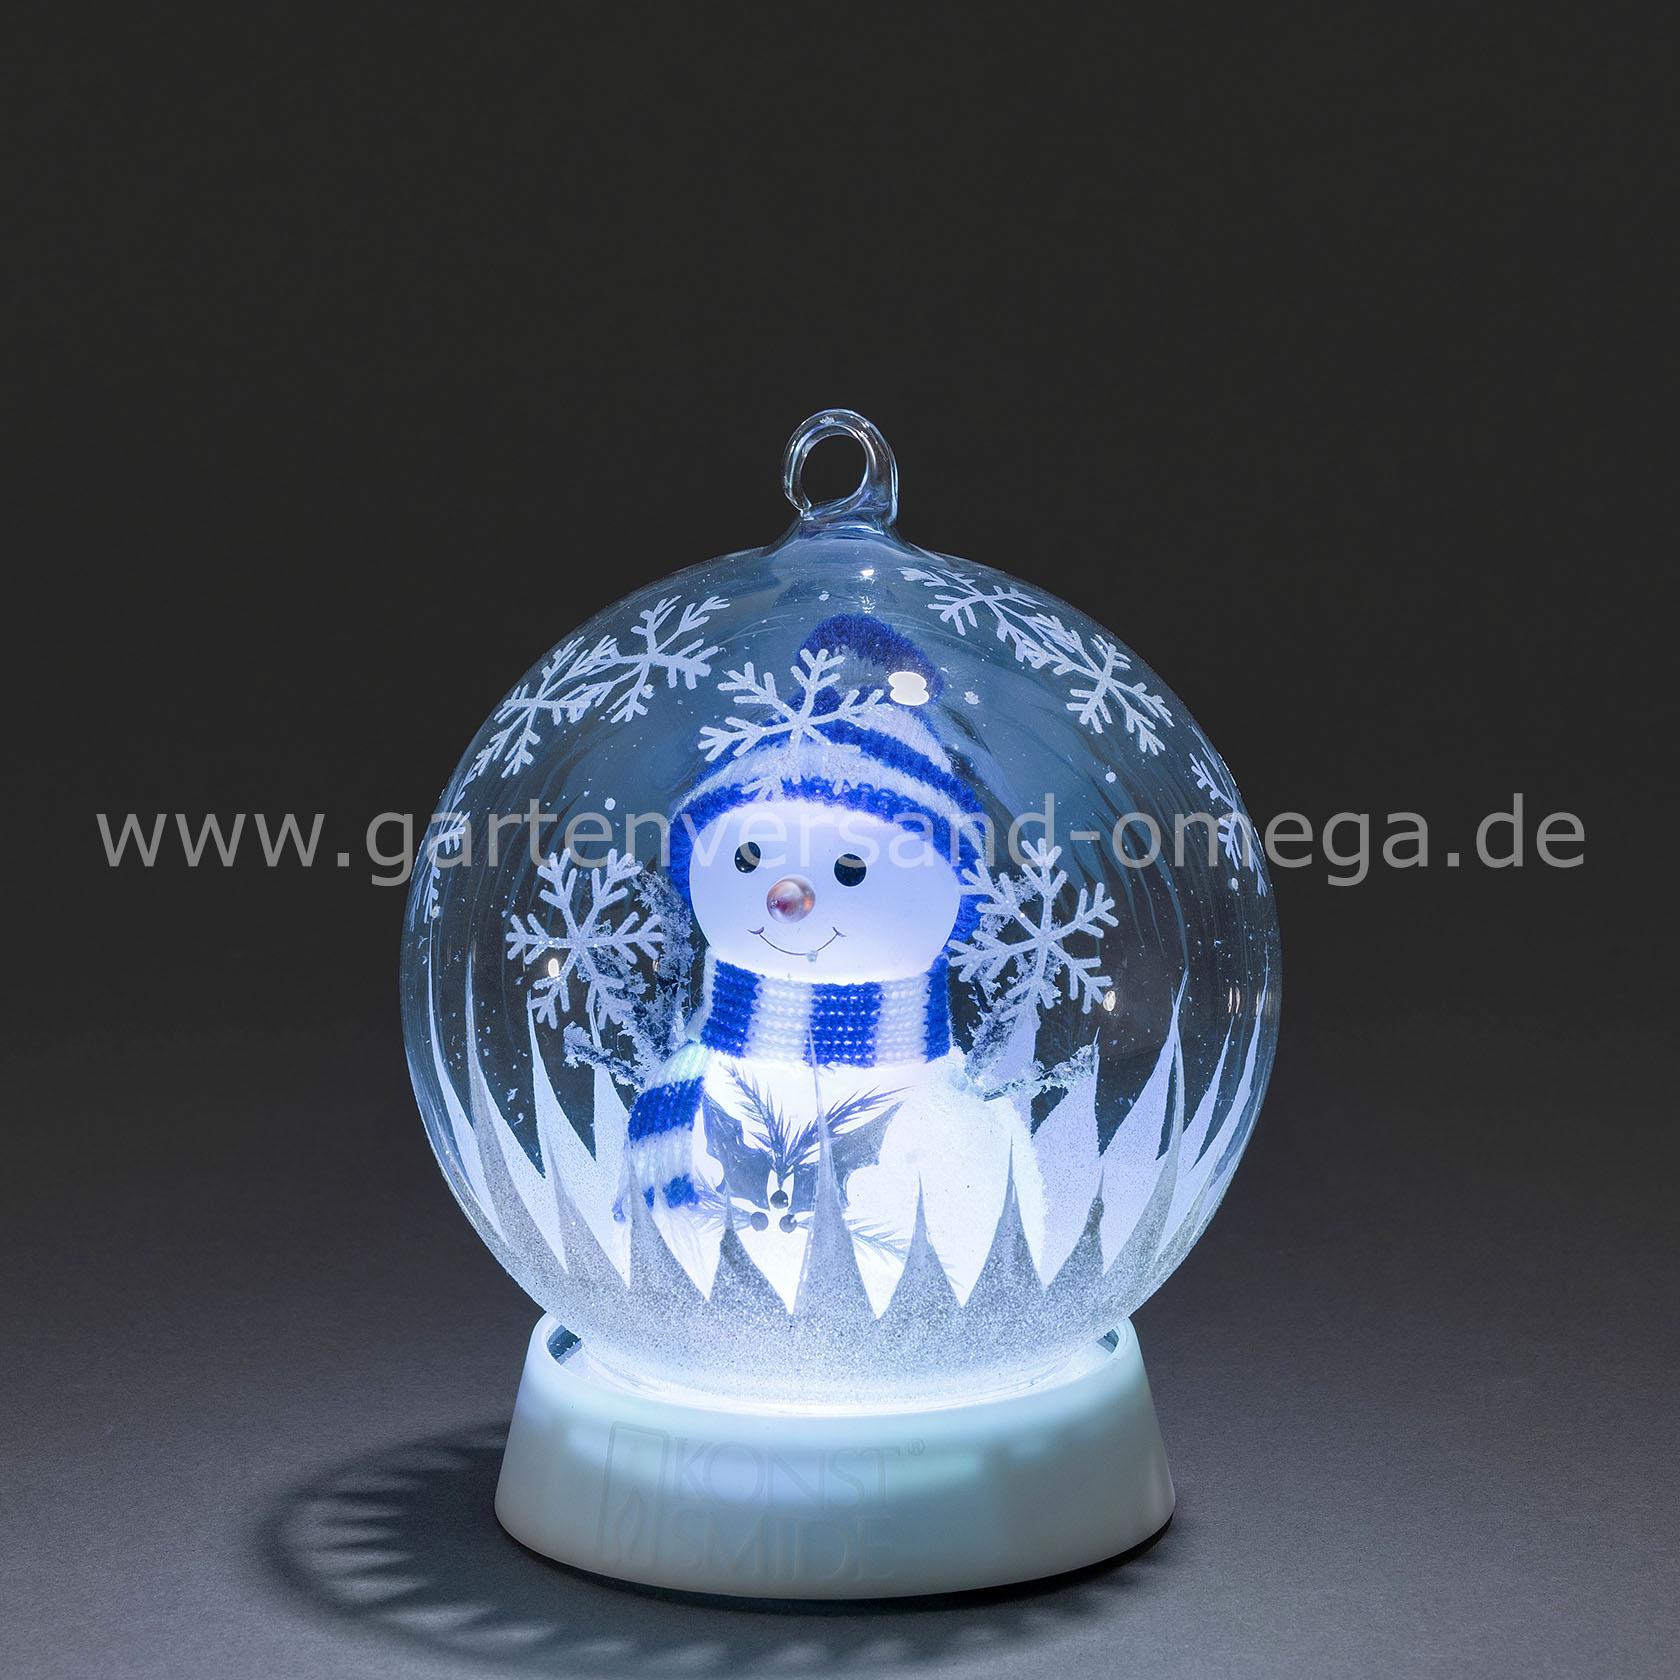 Weihnachtsdeko Aussen Schneemann.Led Dekoglaskugel Schneemann